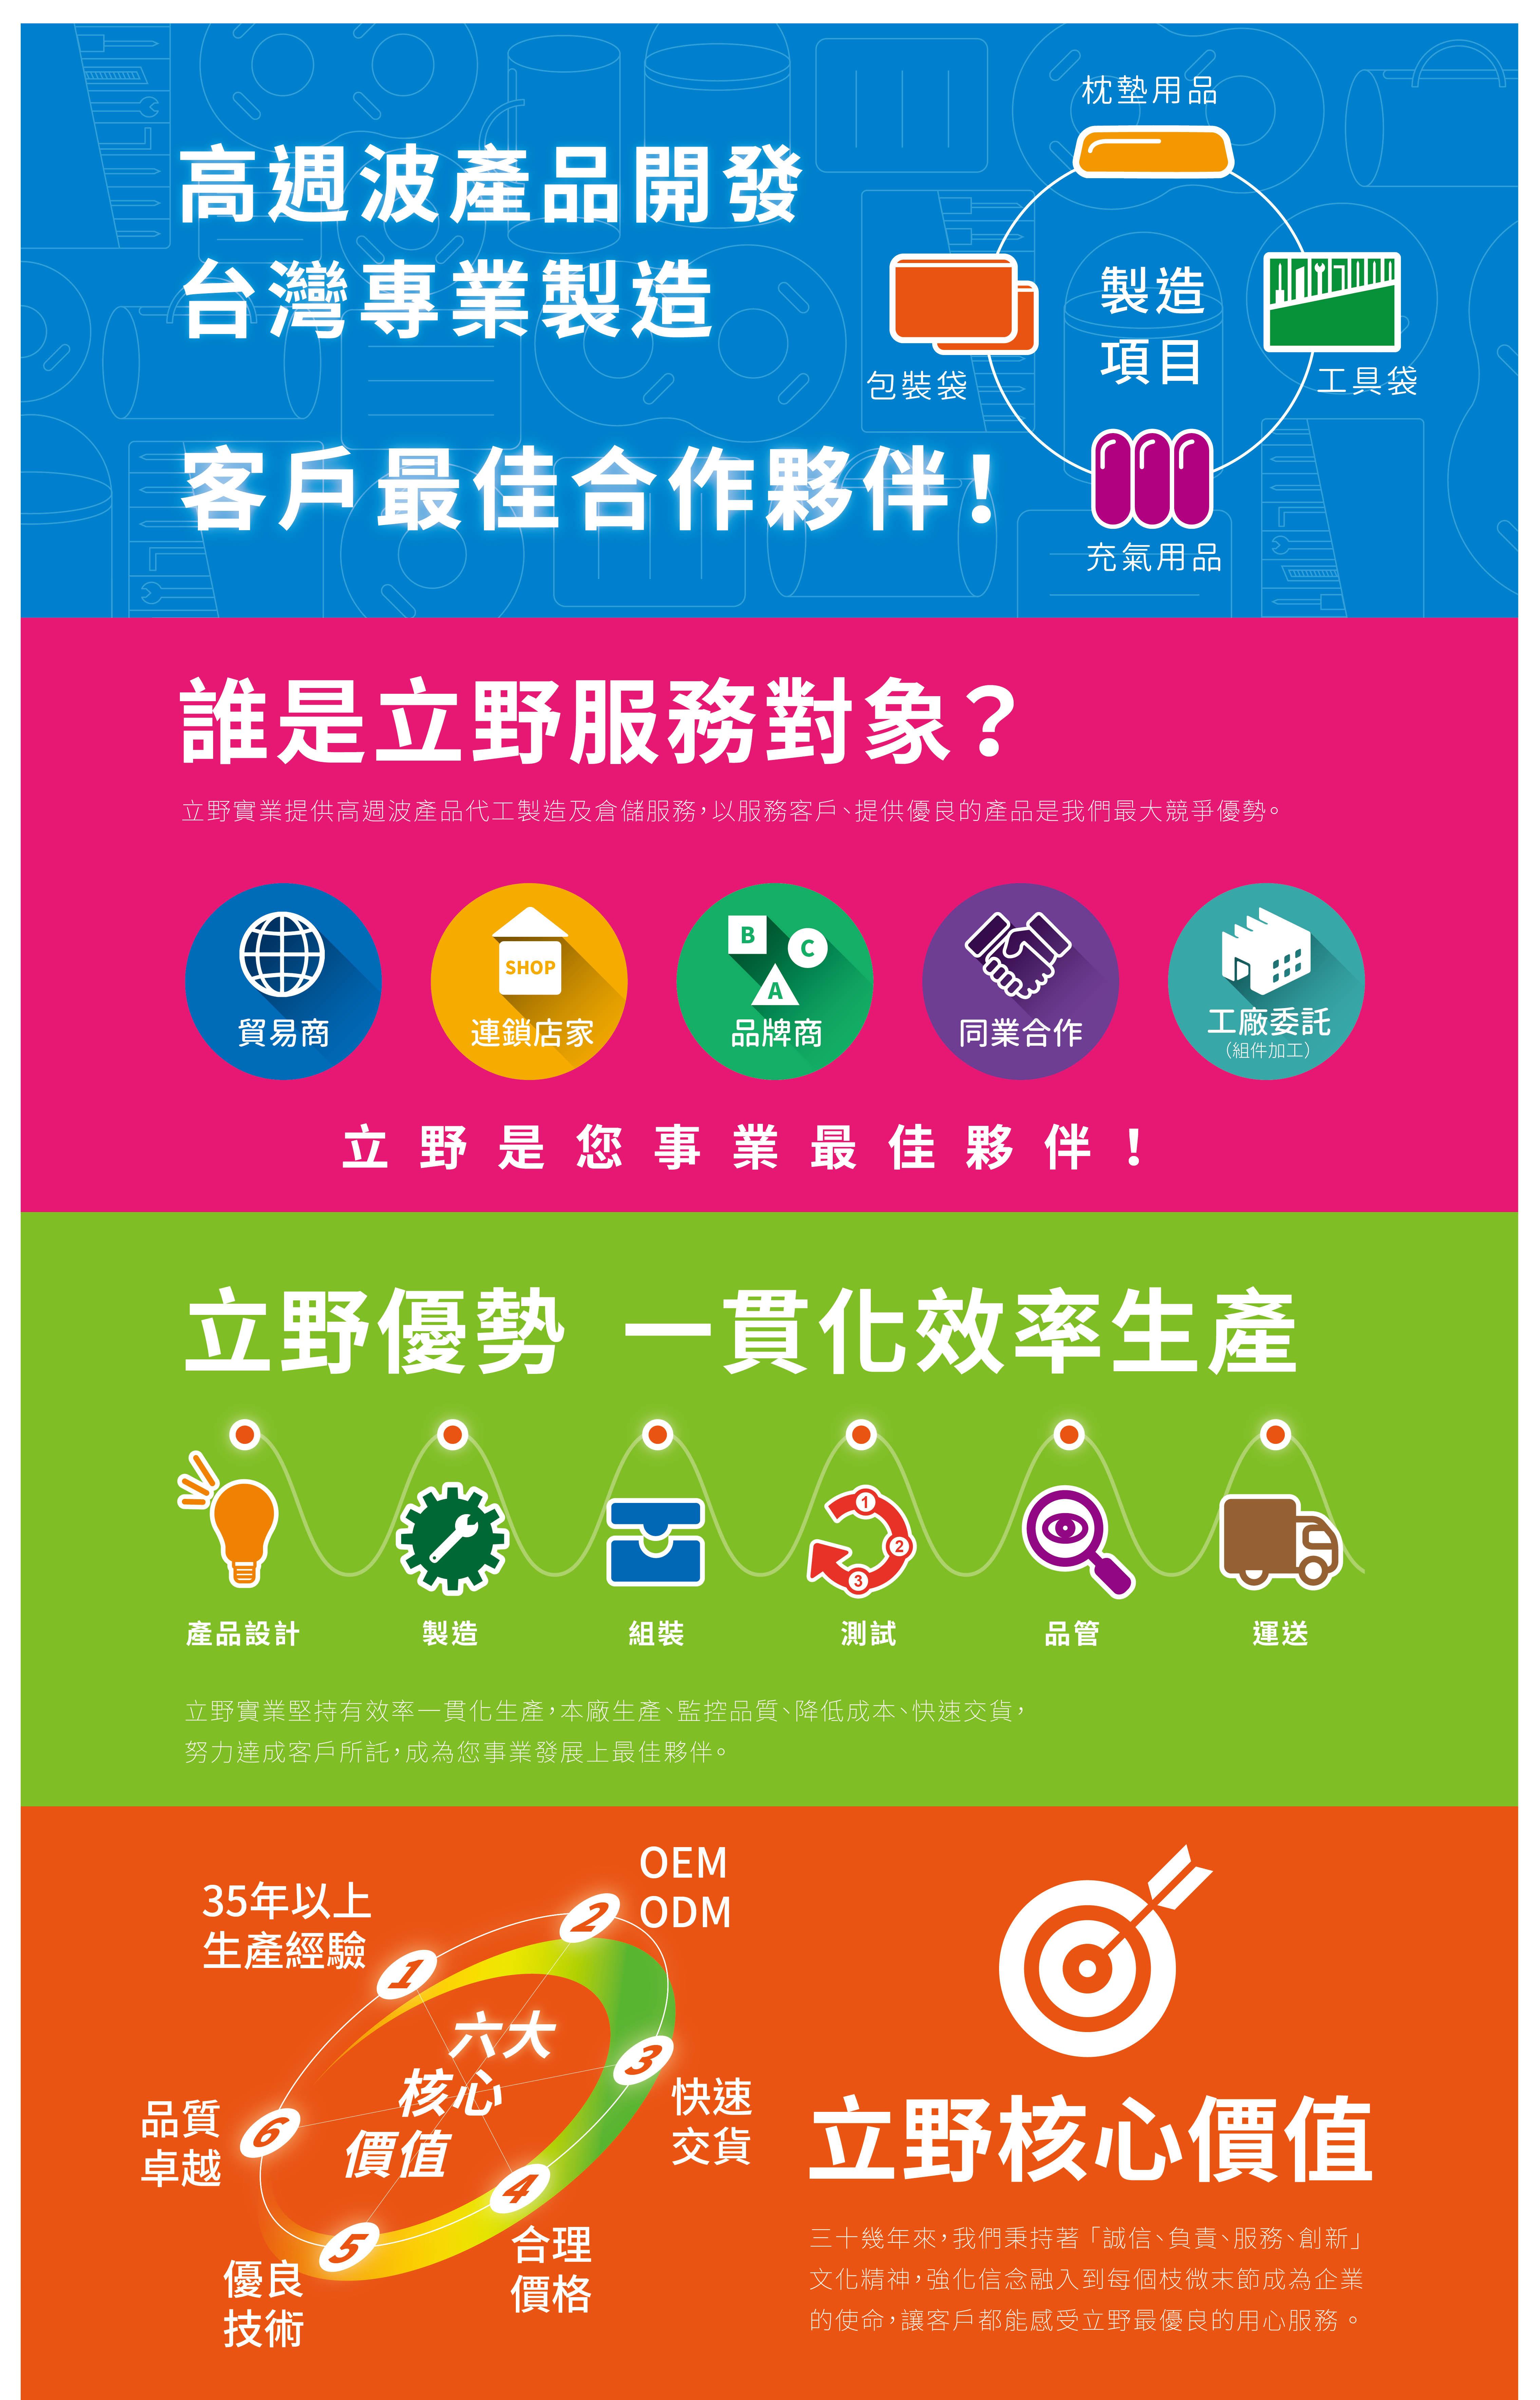 高週波產品開發,台灣專業製造